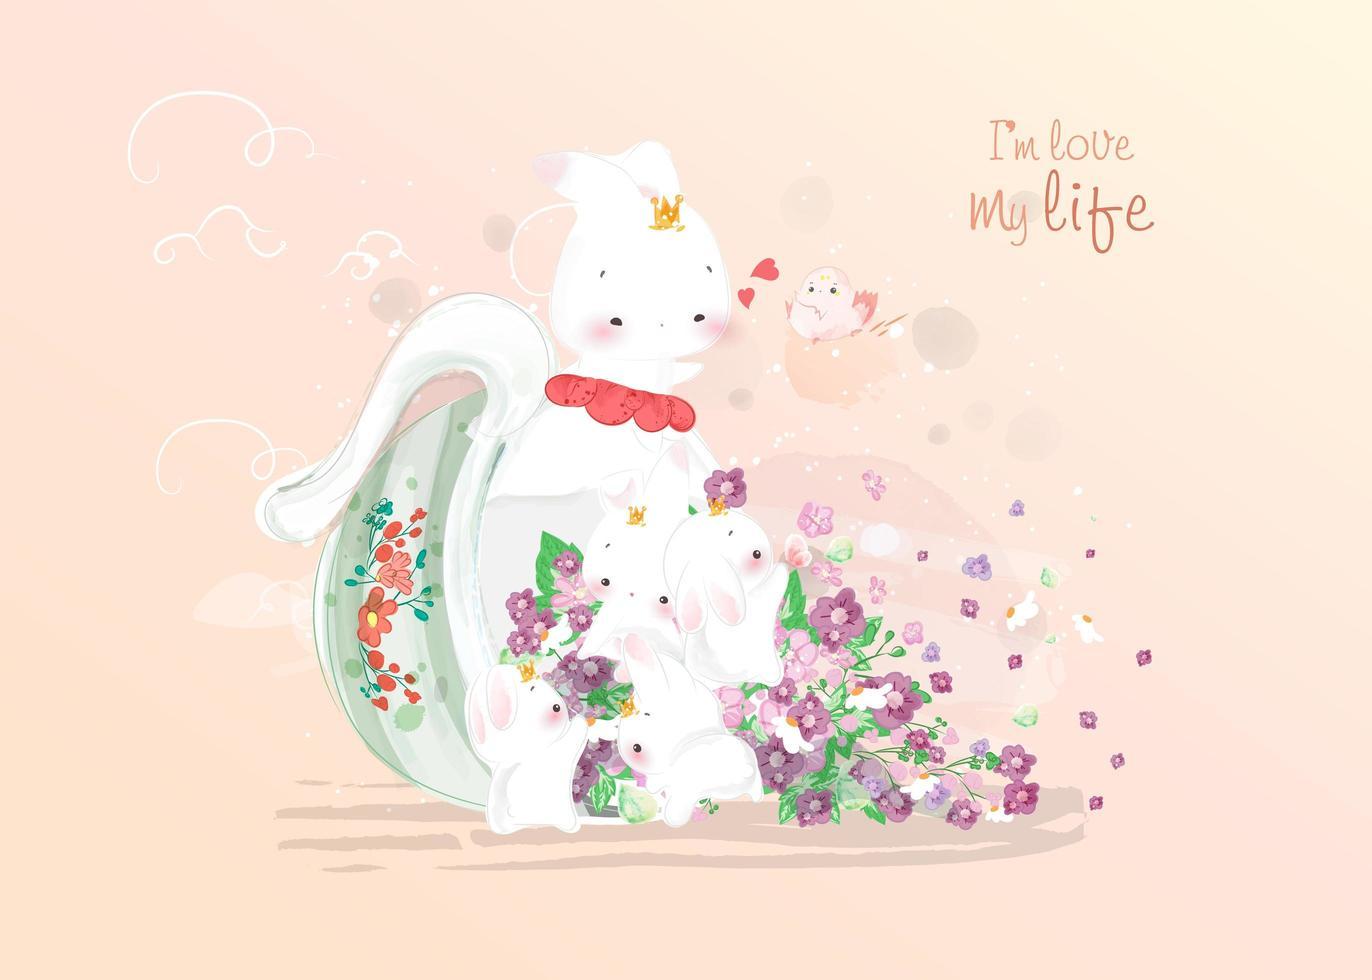 Hase mit einer Tasse voller Blumen vektor